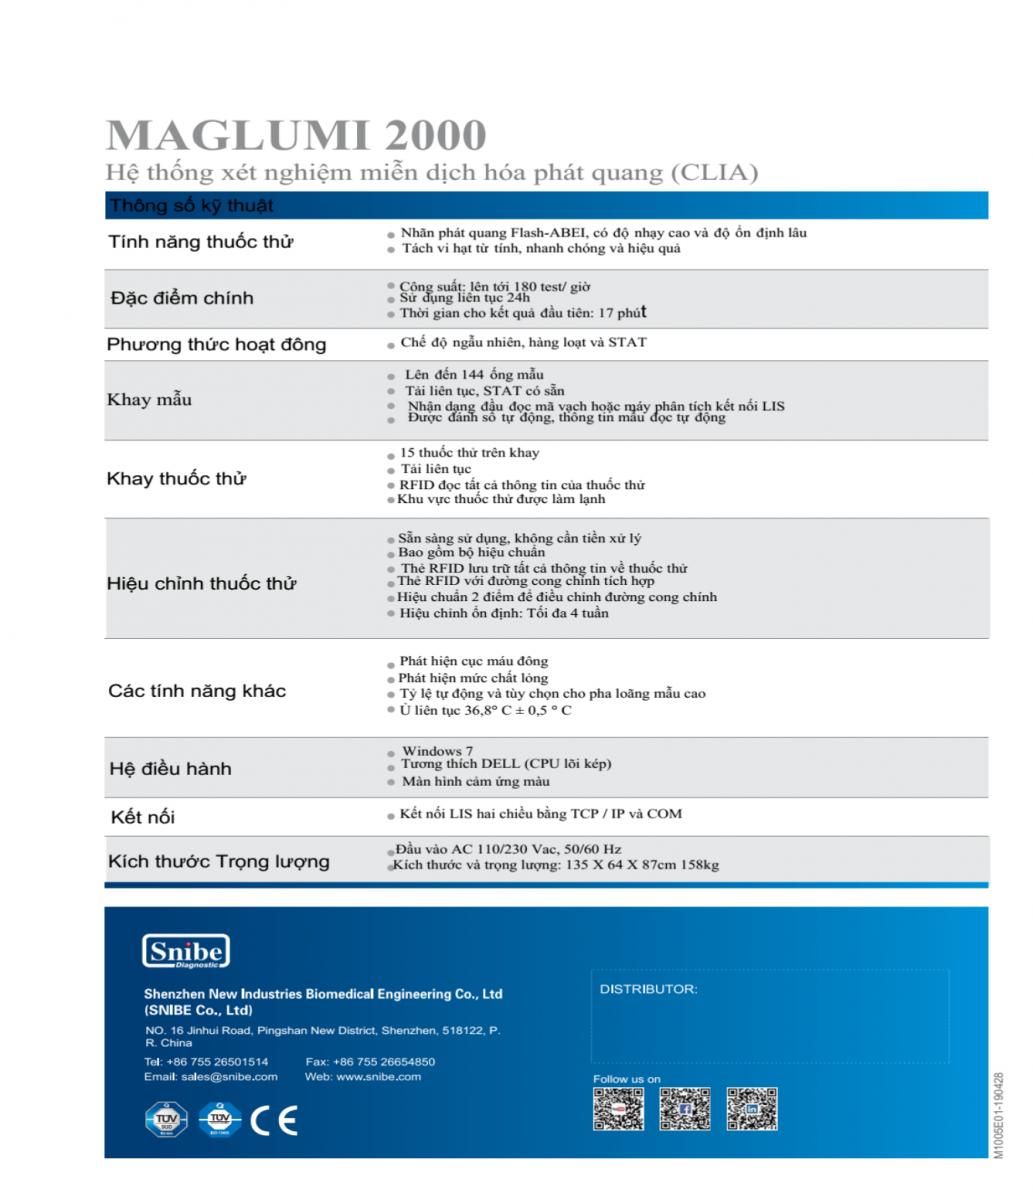 Máy miễn dịch tự động Maglumi 2000